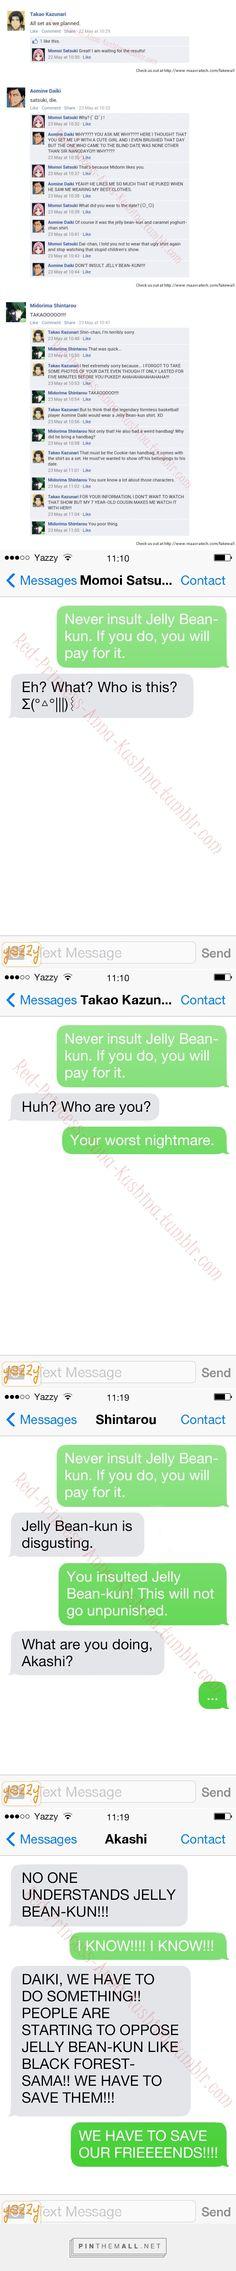 High School Boys and Jelly Bean-kun.